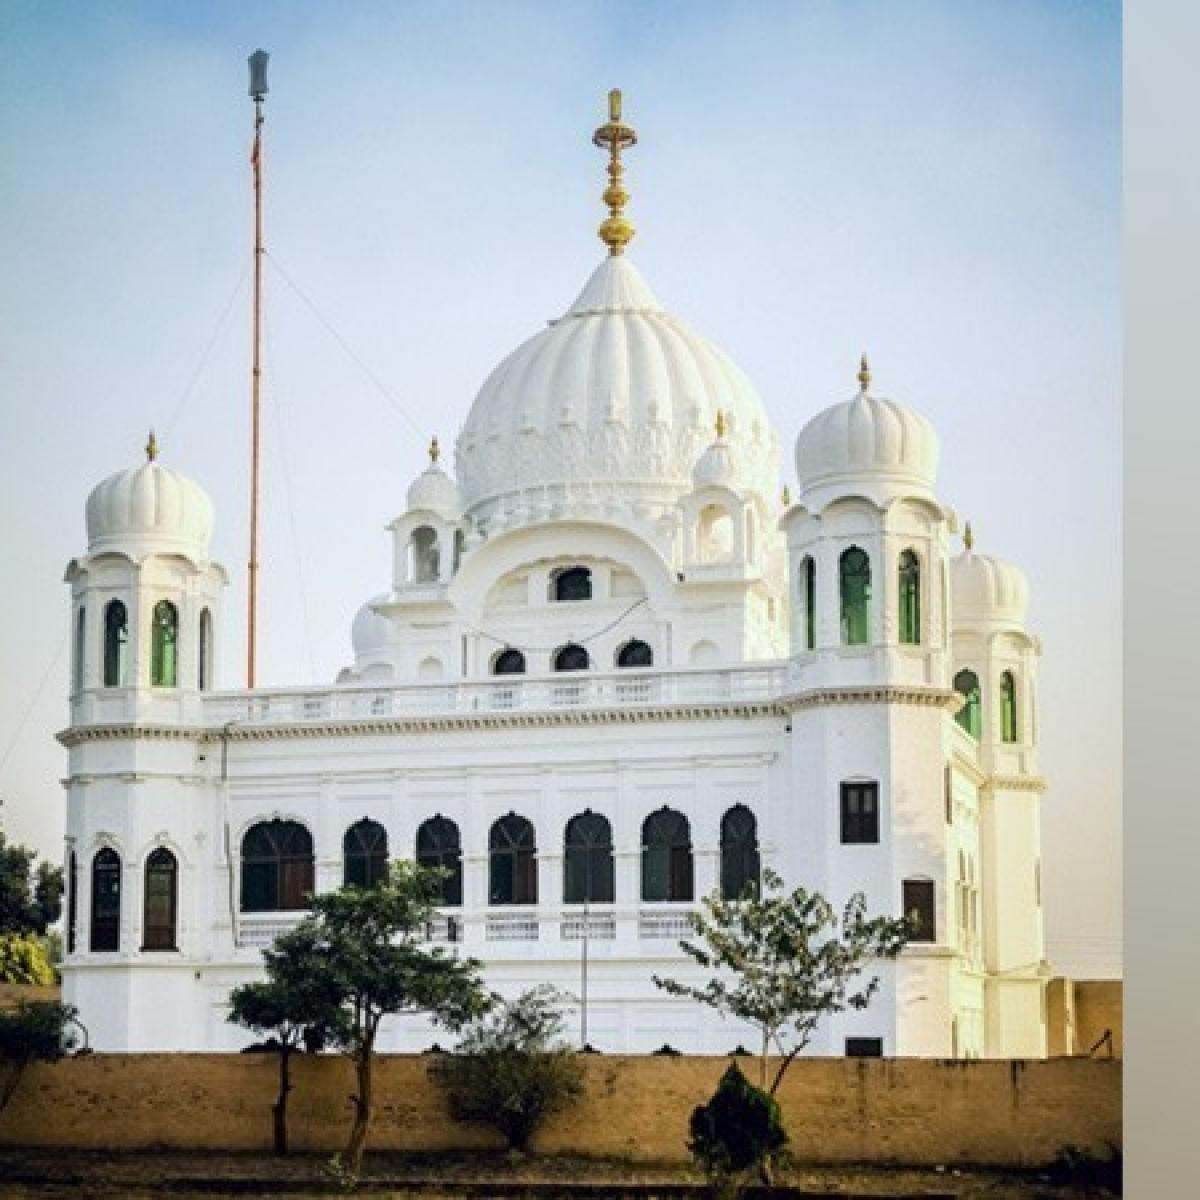 Kartarpur offer is Pakistan's 'mirage of goodwill': India